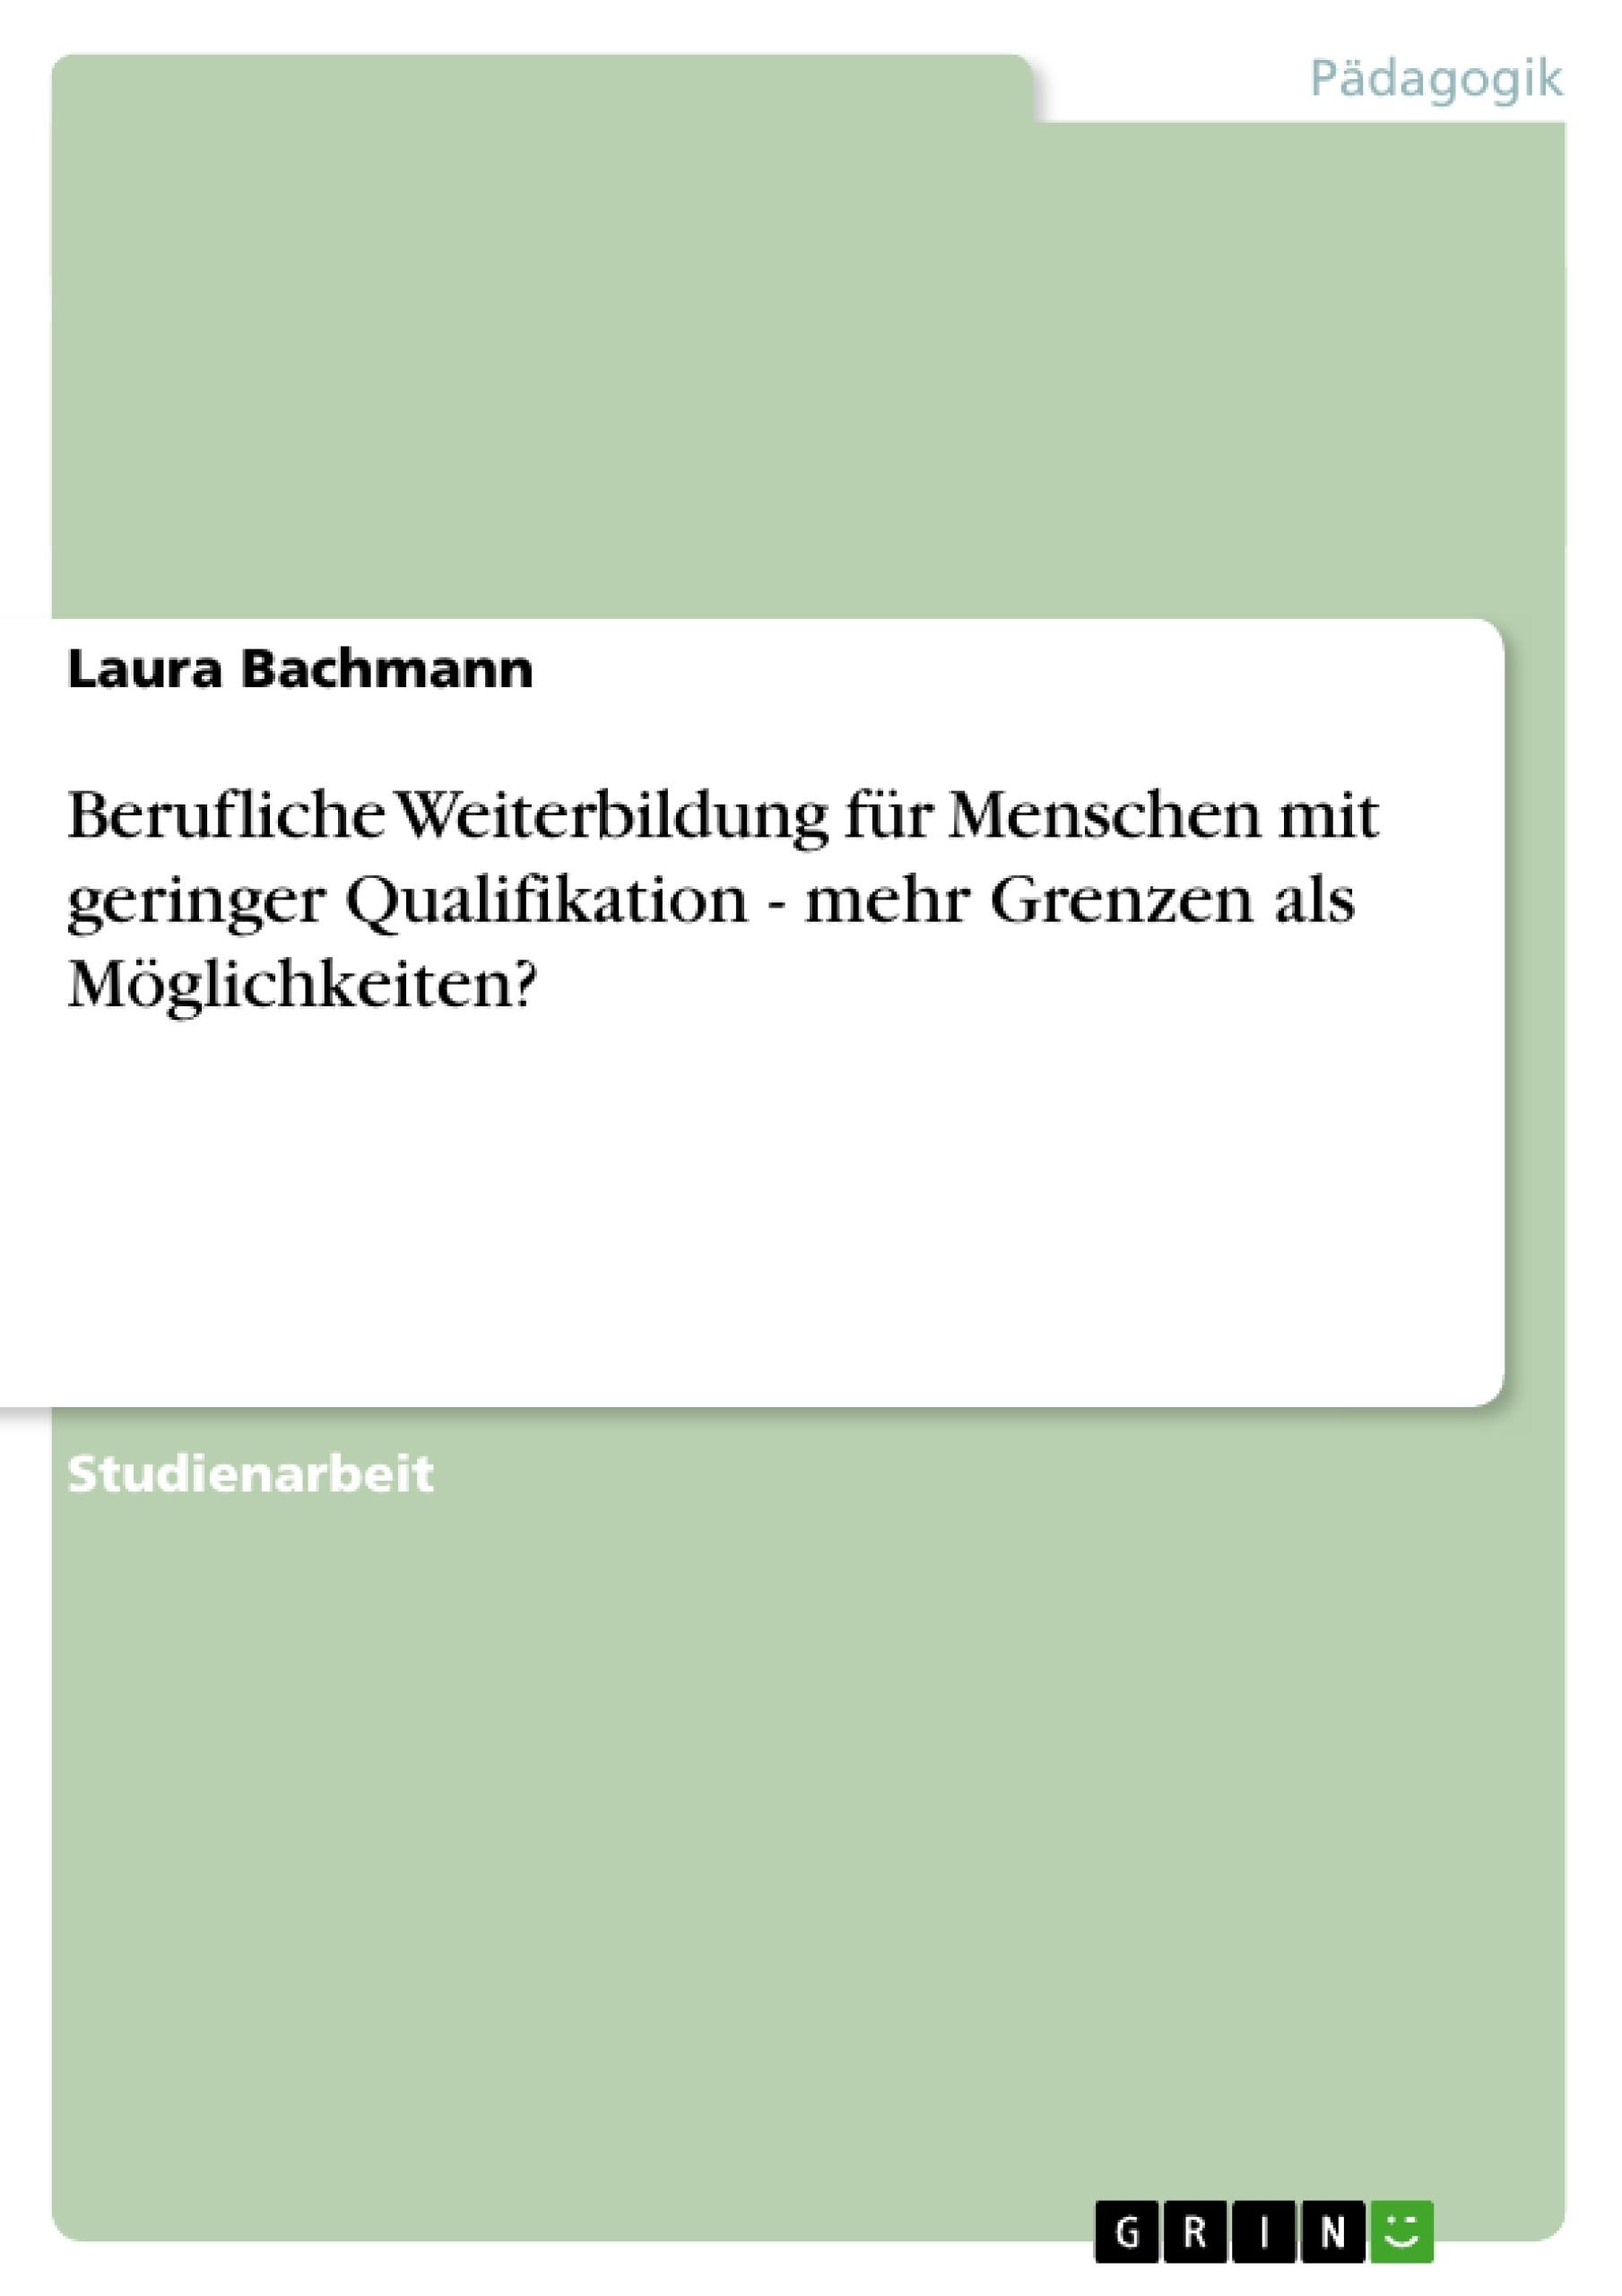 Titel: Berufliche Weiterbildung für Menschen mit geringer Qualifikation - mehr Grenzen als Möglichkeiten?